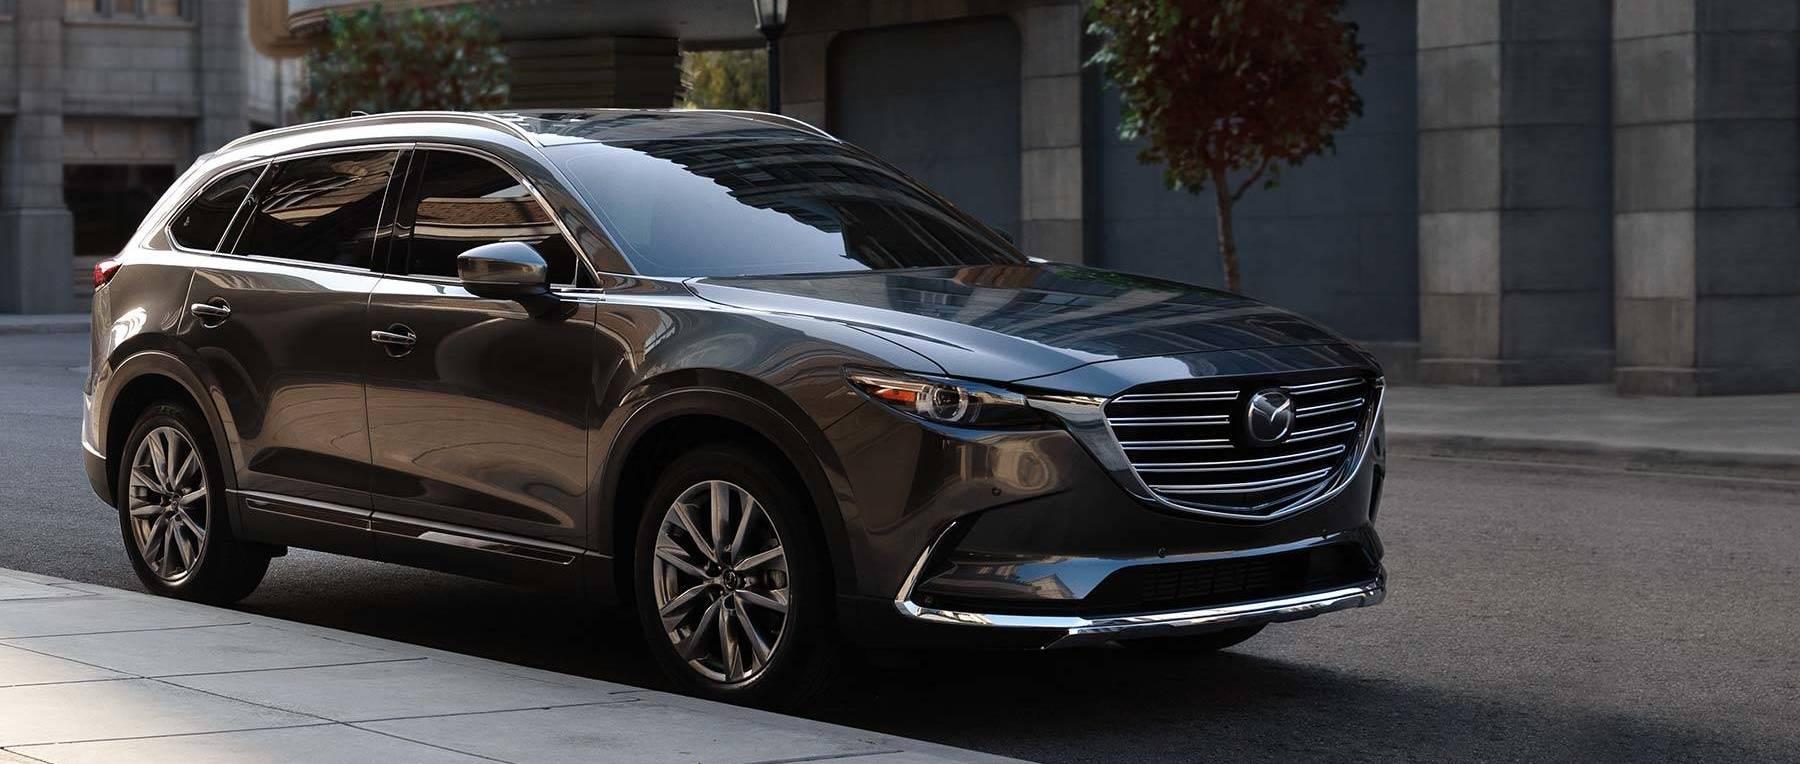 2019 Mazda CX-9 Leasing near Davis, CA